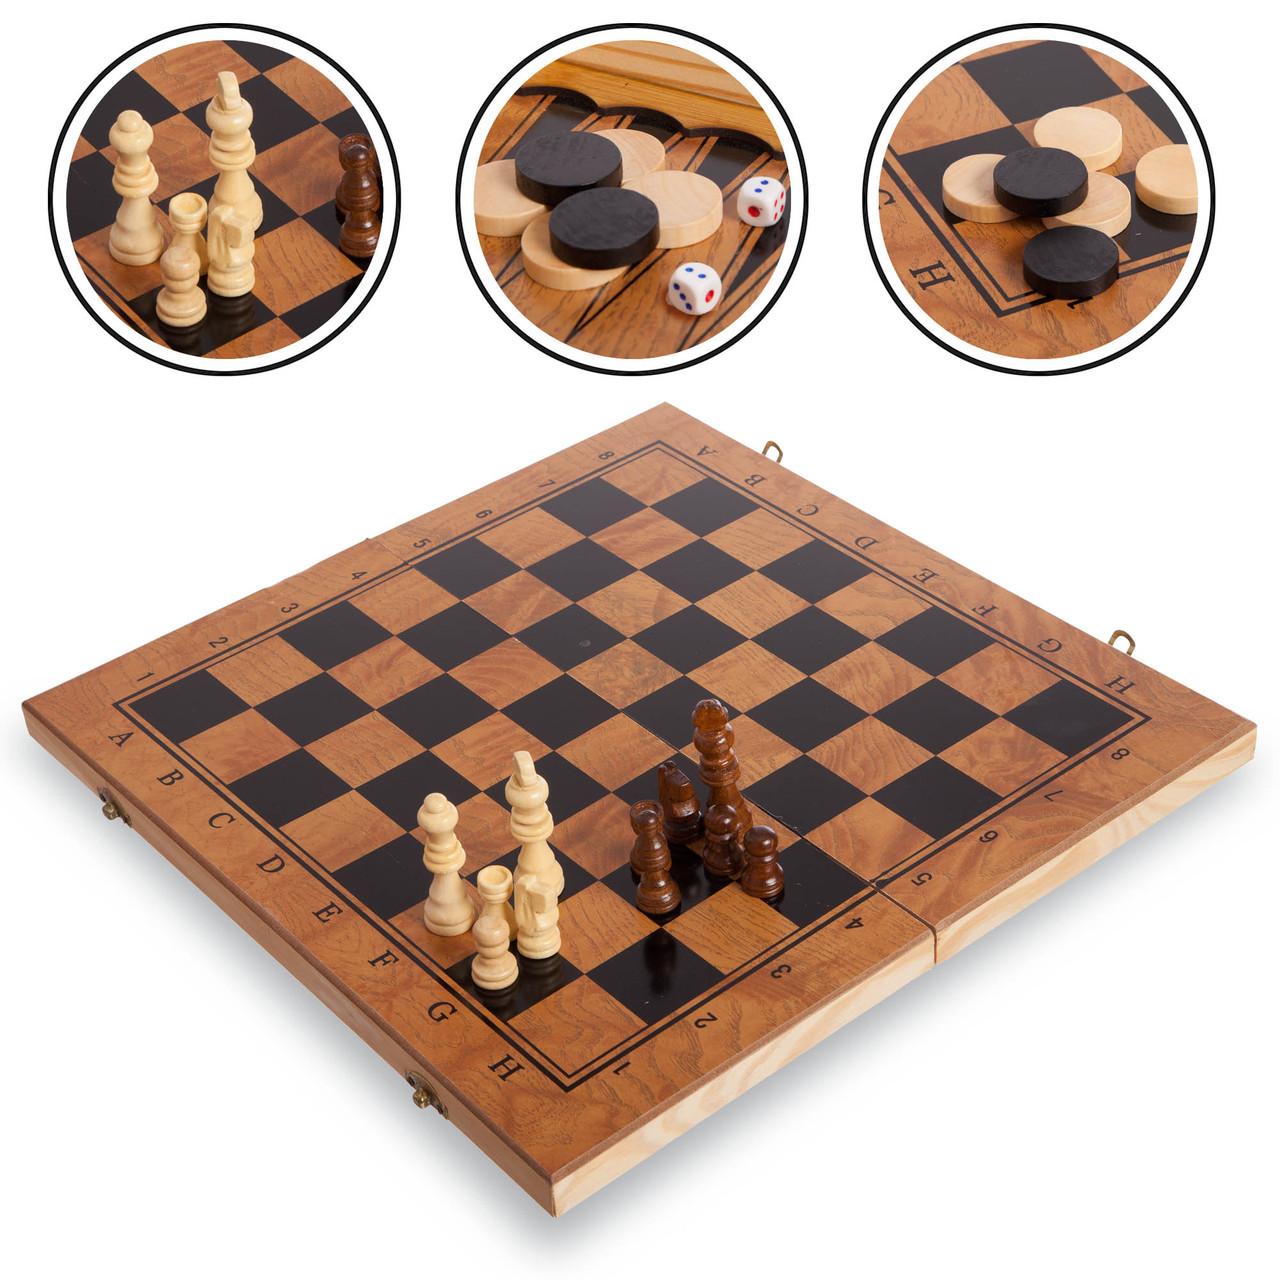 Набір настільних ігор 3 в 1 S3029 - шахи, шашки, нарди дерев'яні